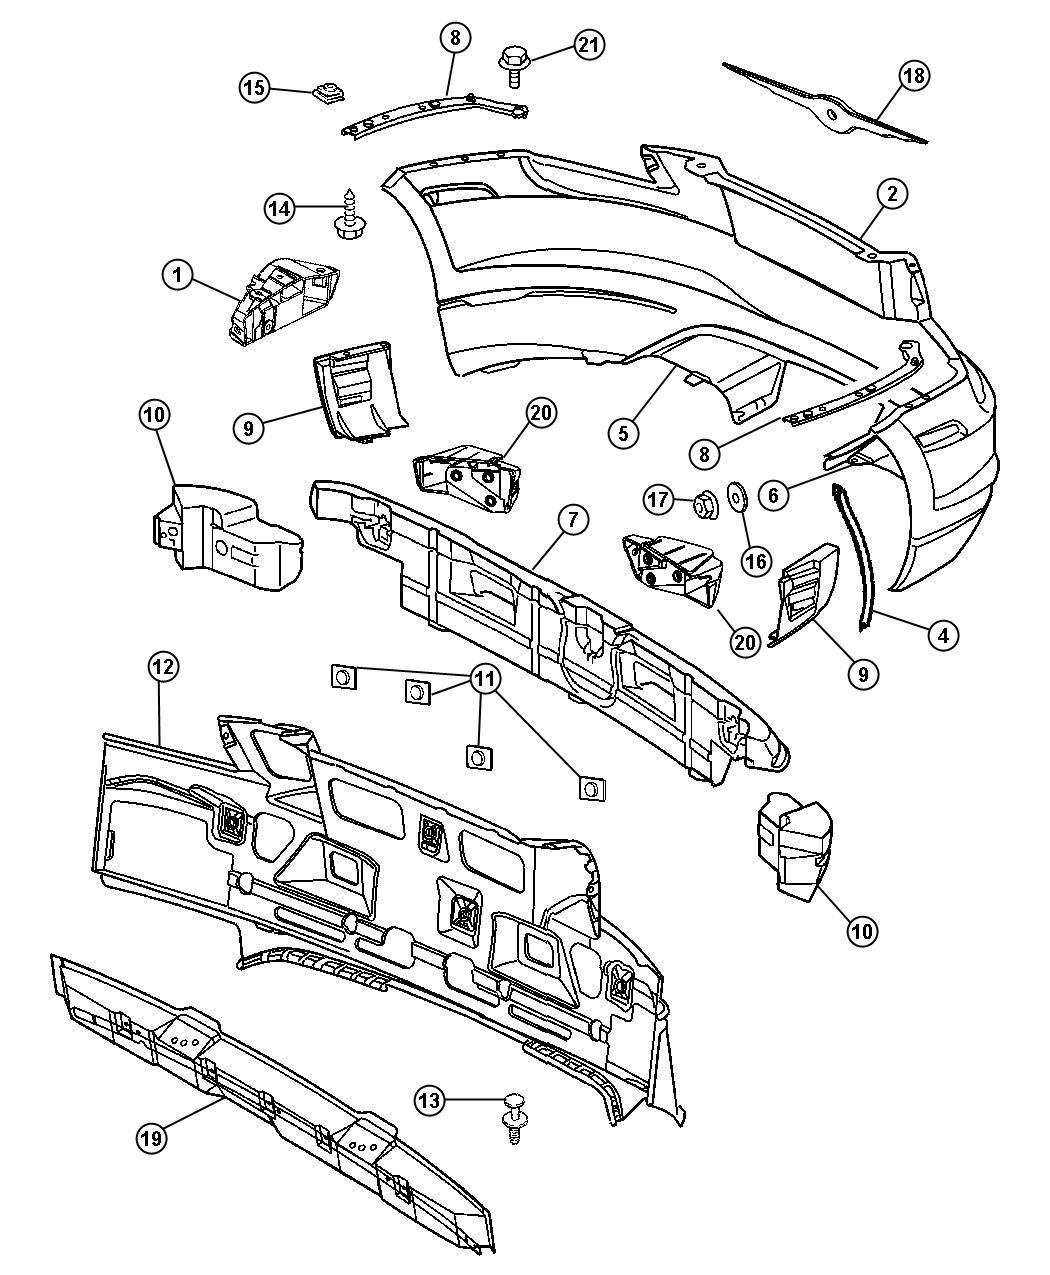 2006 Chrysler Crossfire Repair Kit. Japan